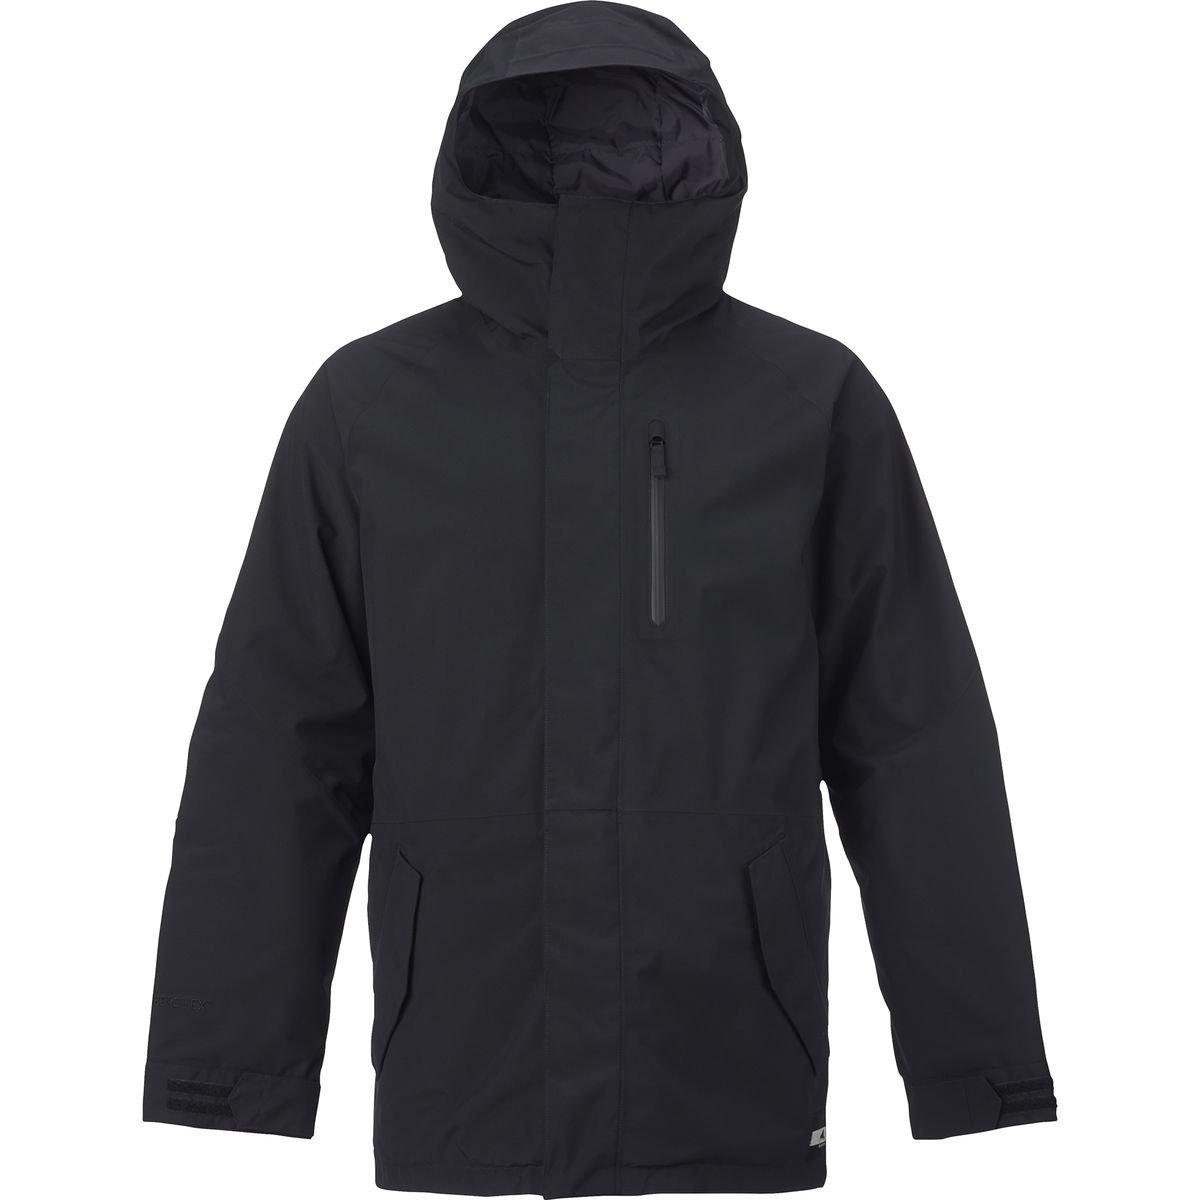 (バートン) Burton Radial Gore-Tex Jacket メンズ ジャケットTrue Black [並行輸入品] B075K717BS  True Black 日本サイズ M (US S)